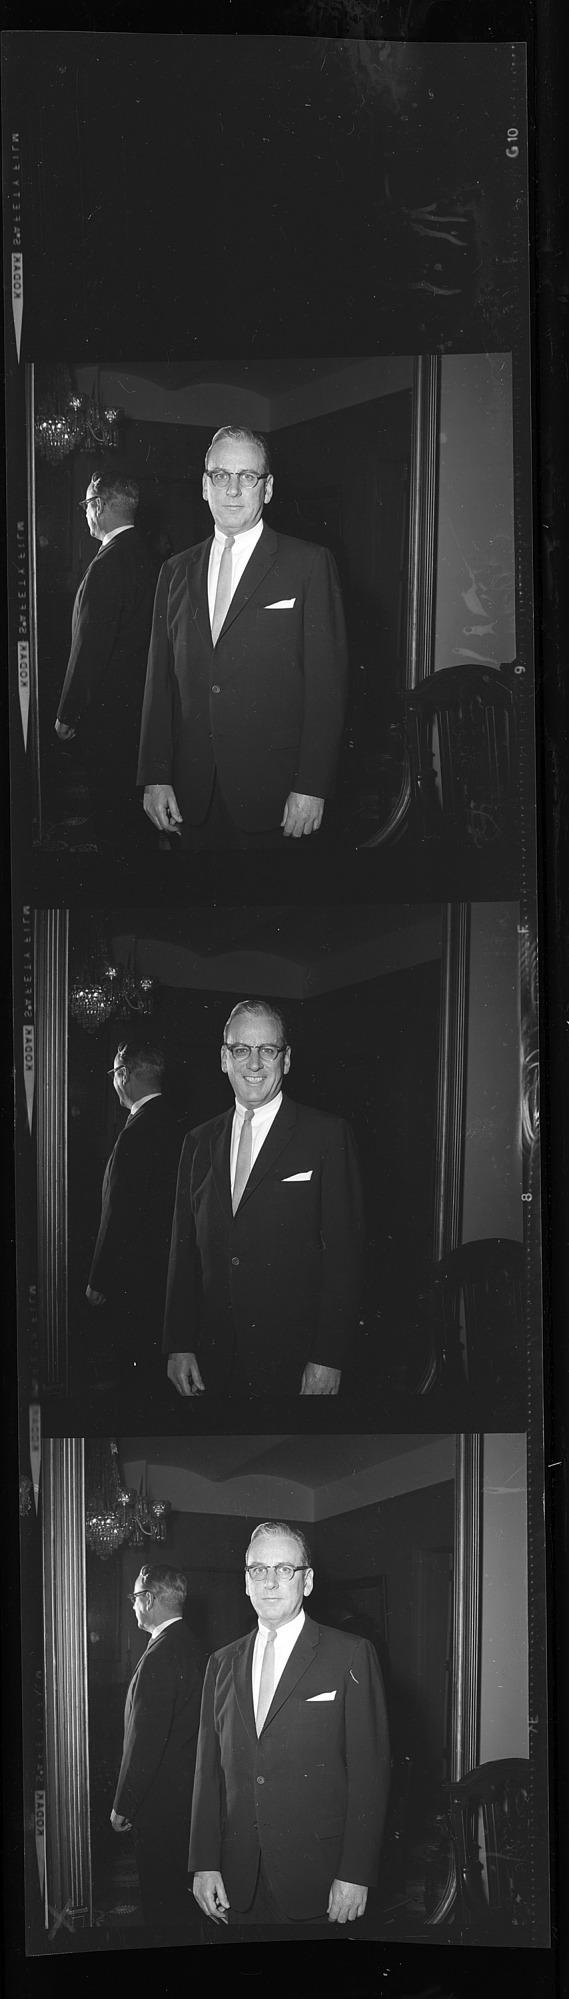 Portrait of Assistant Secretary James C. Bradley